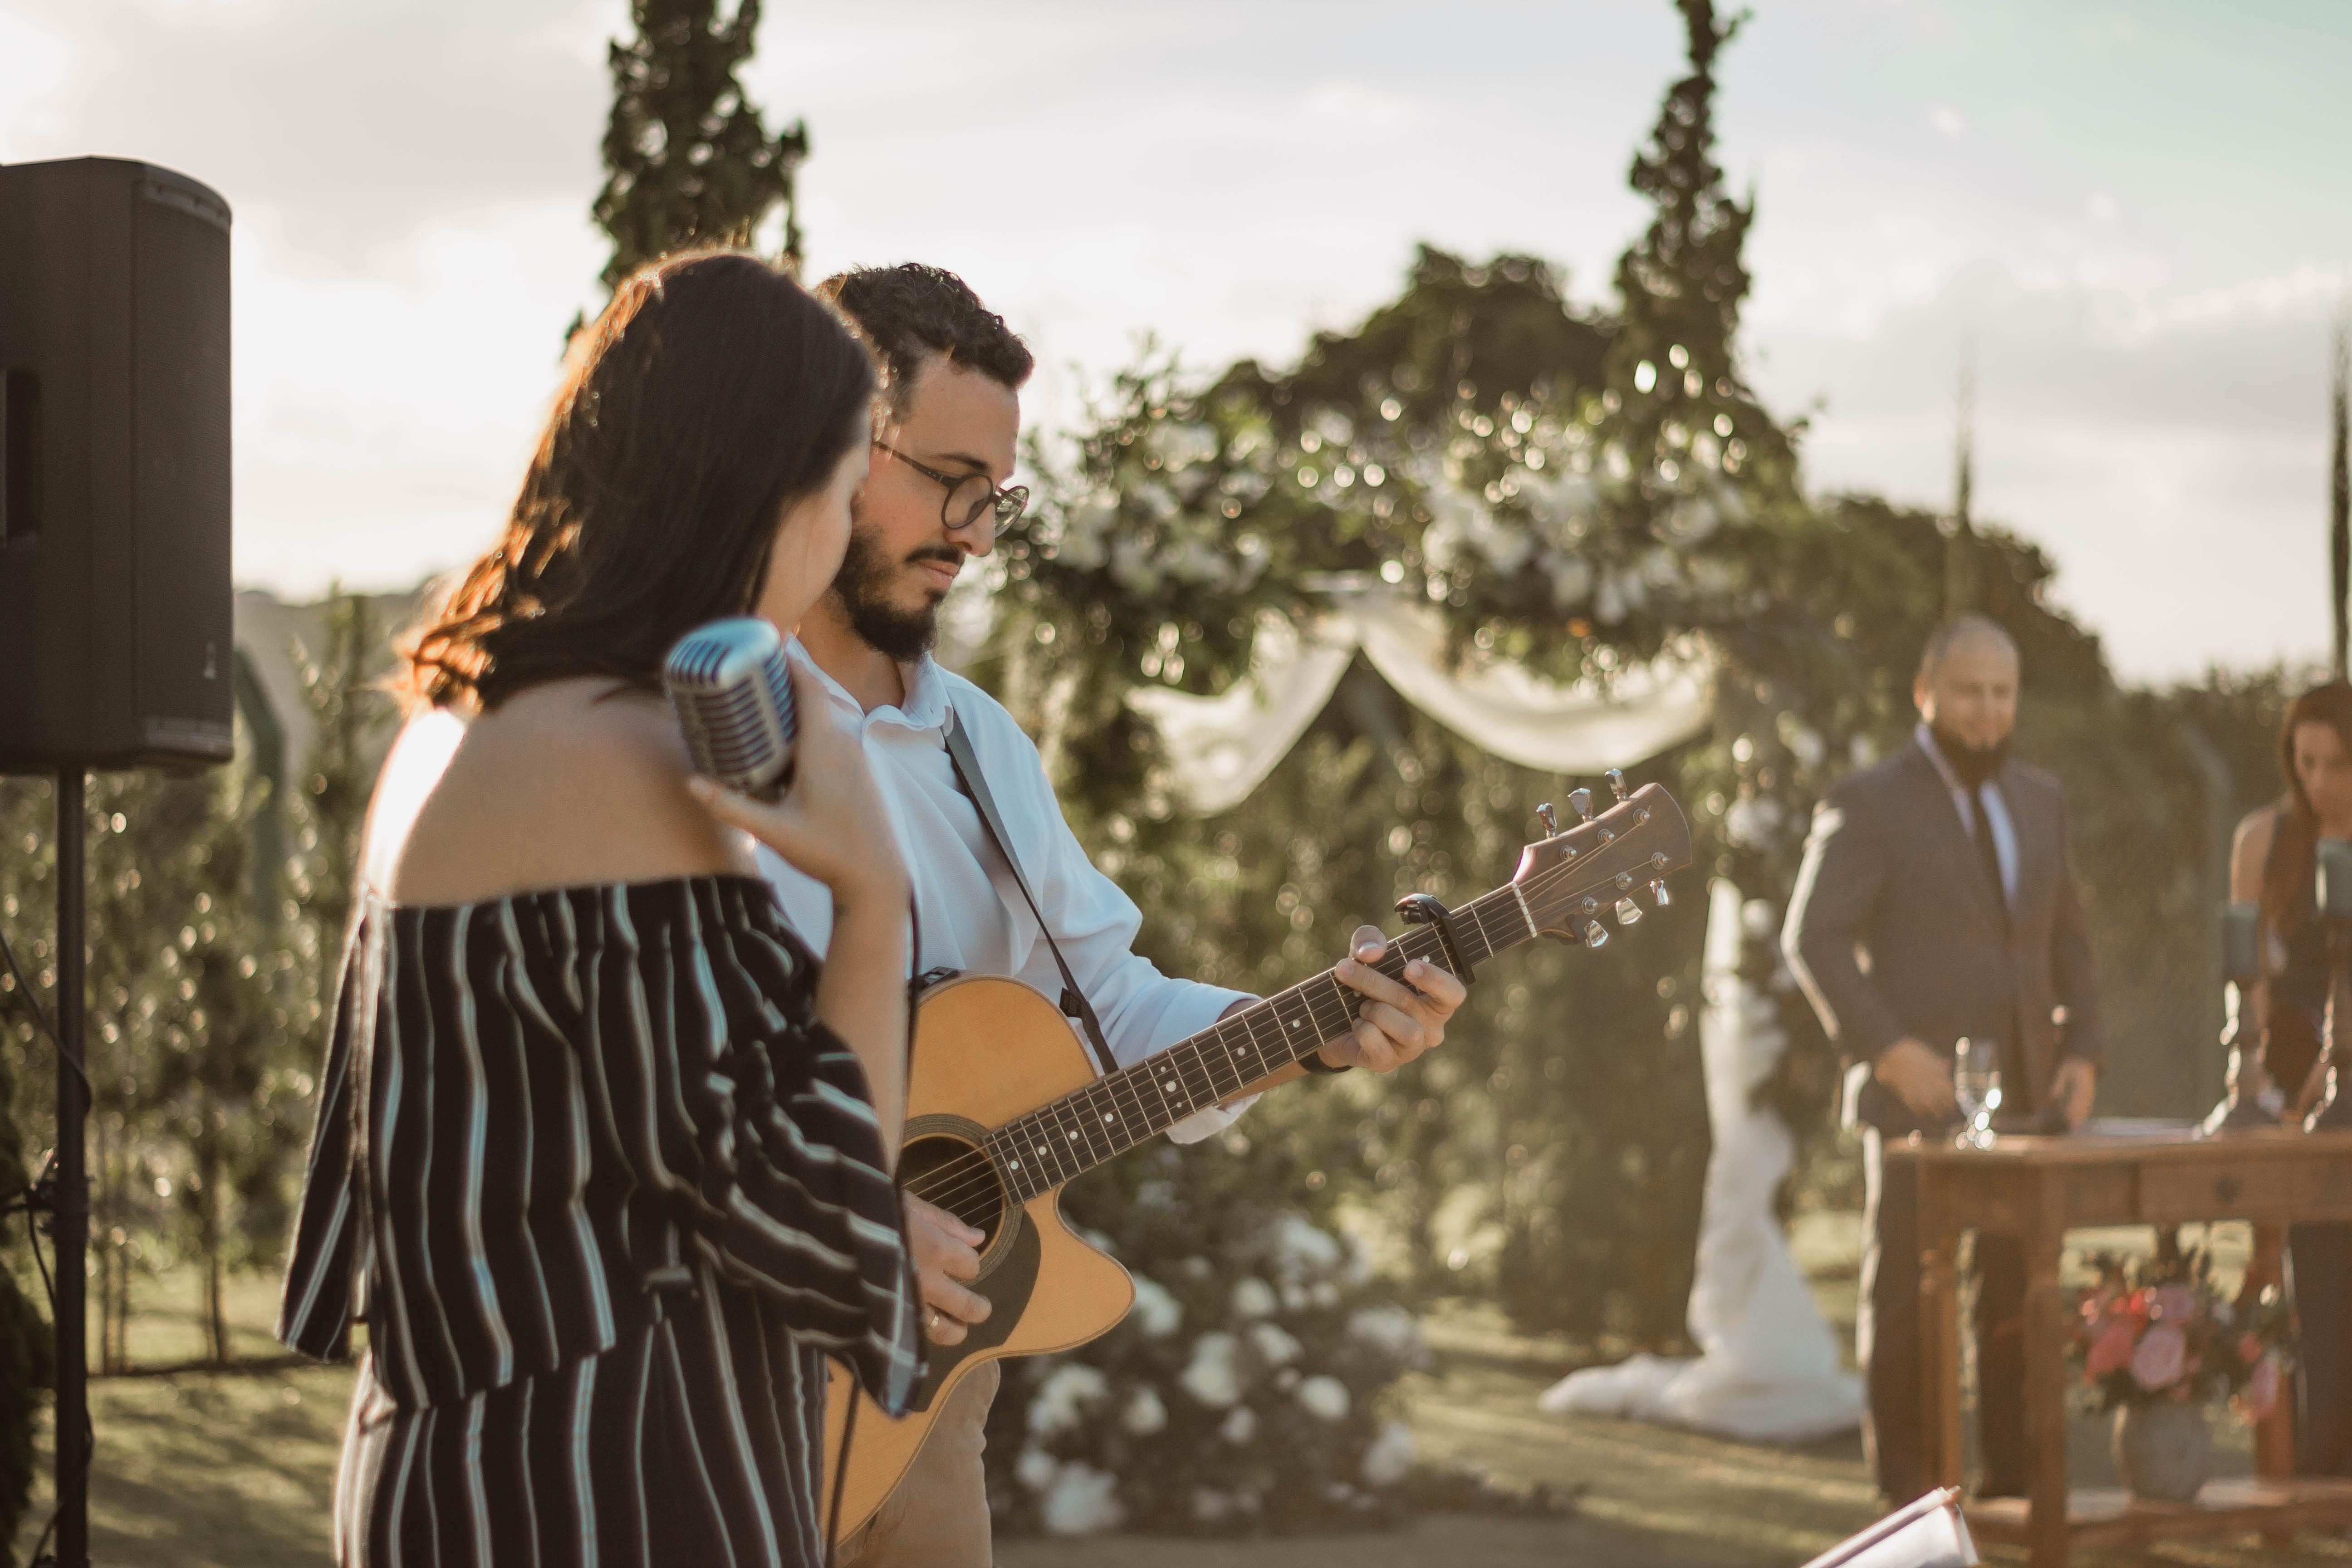 Casamento Driely e Cantídio Voz e Violão - 9